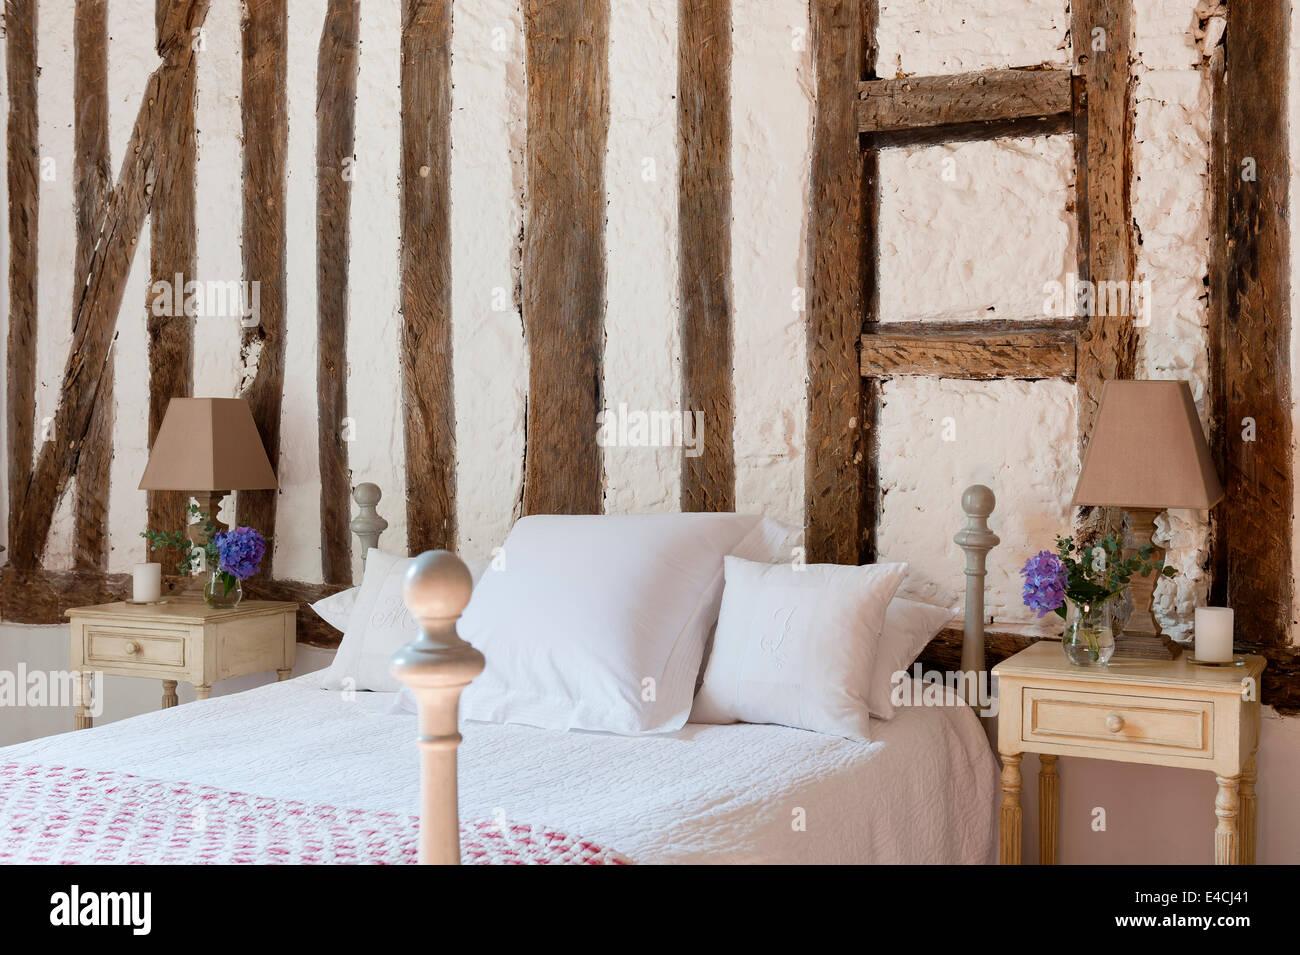 Gerahmte Holzwand Mit Gerenderten Fullung Hinter Bett Mit